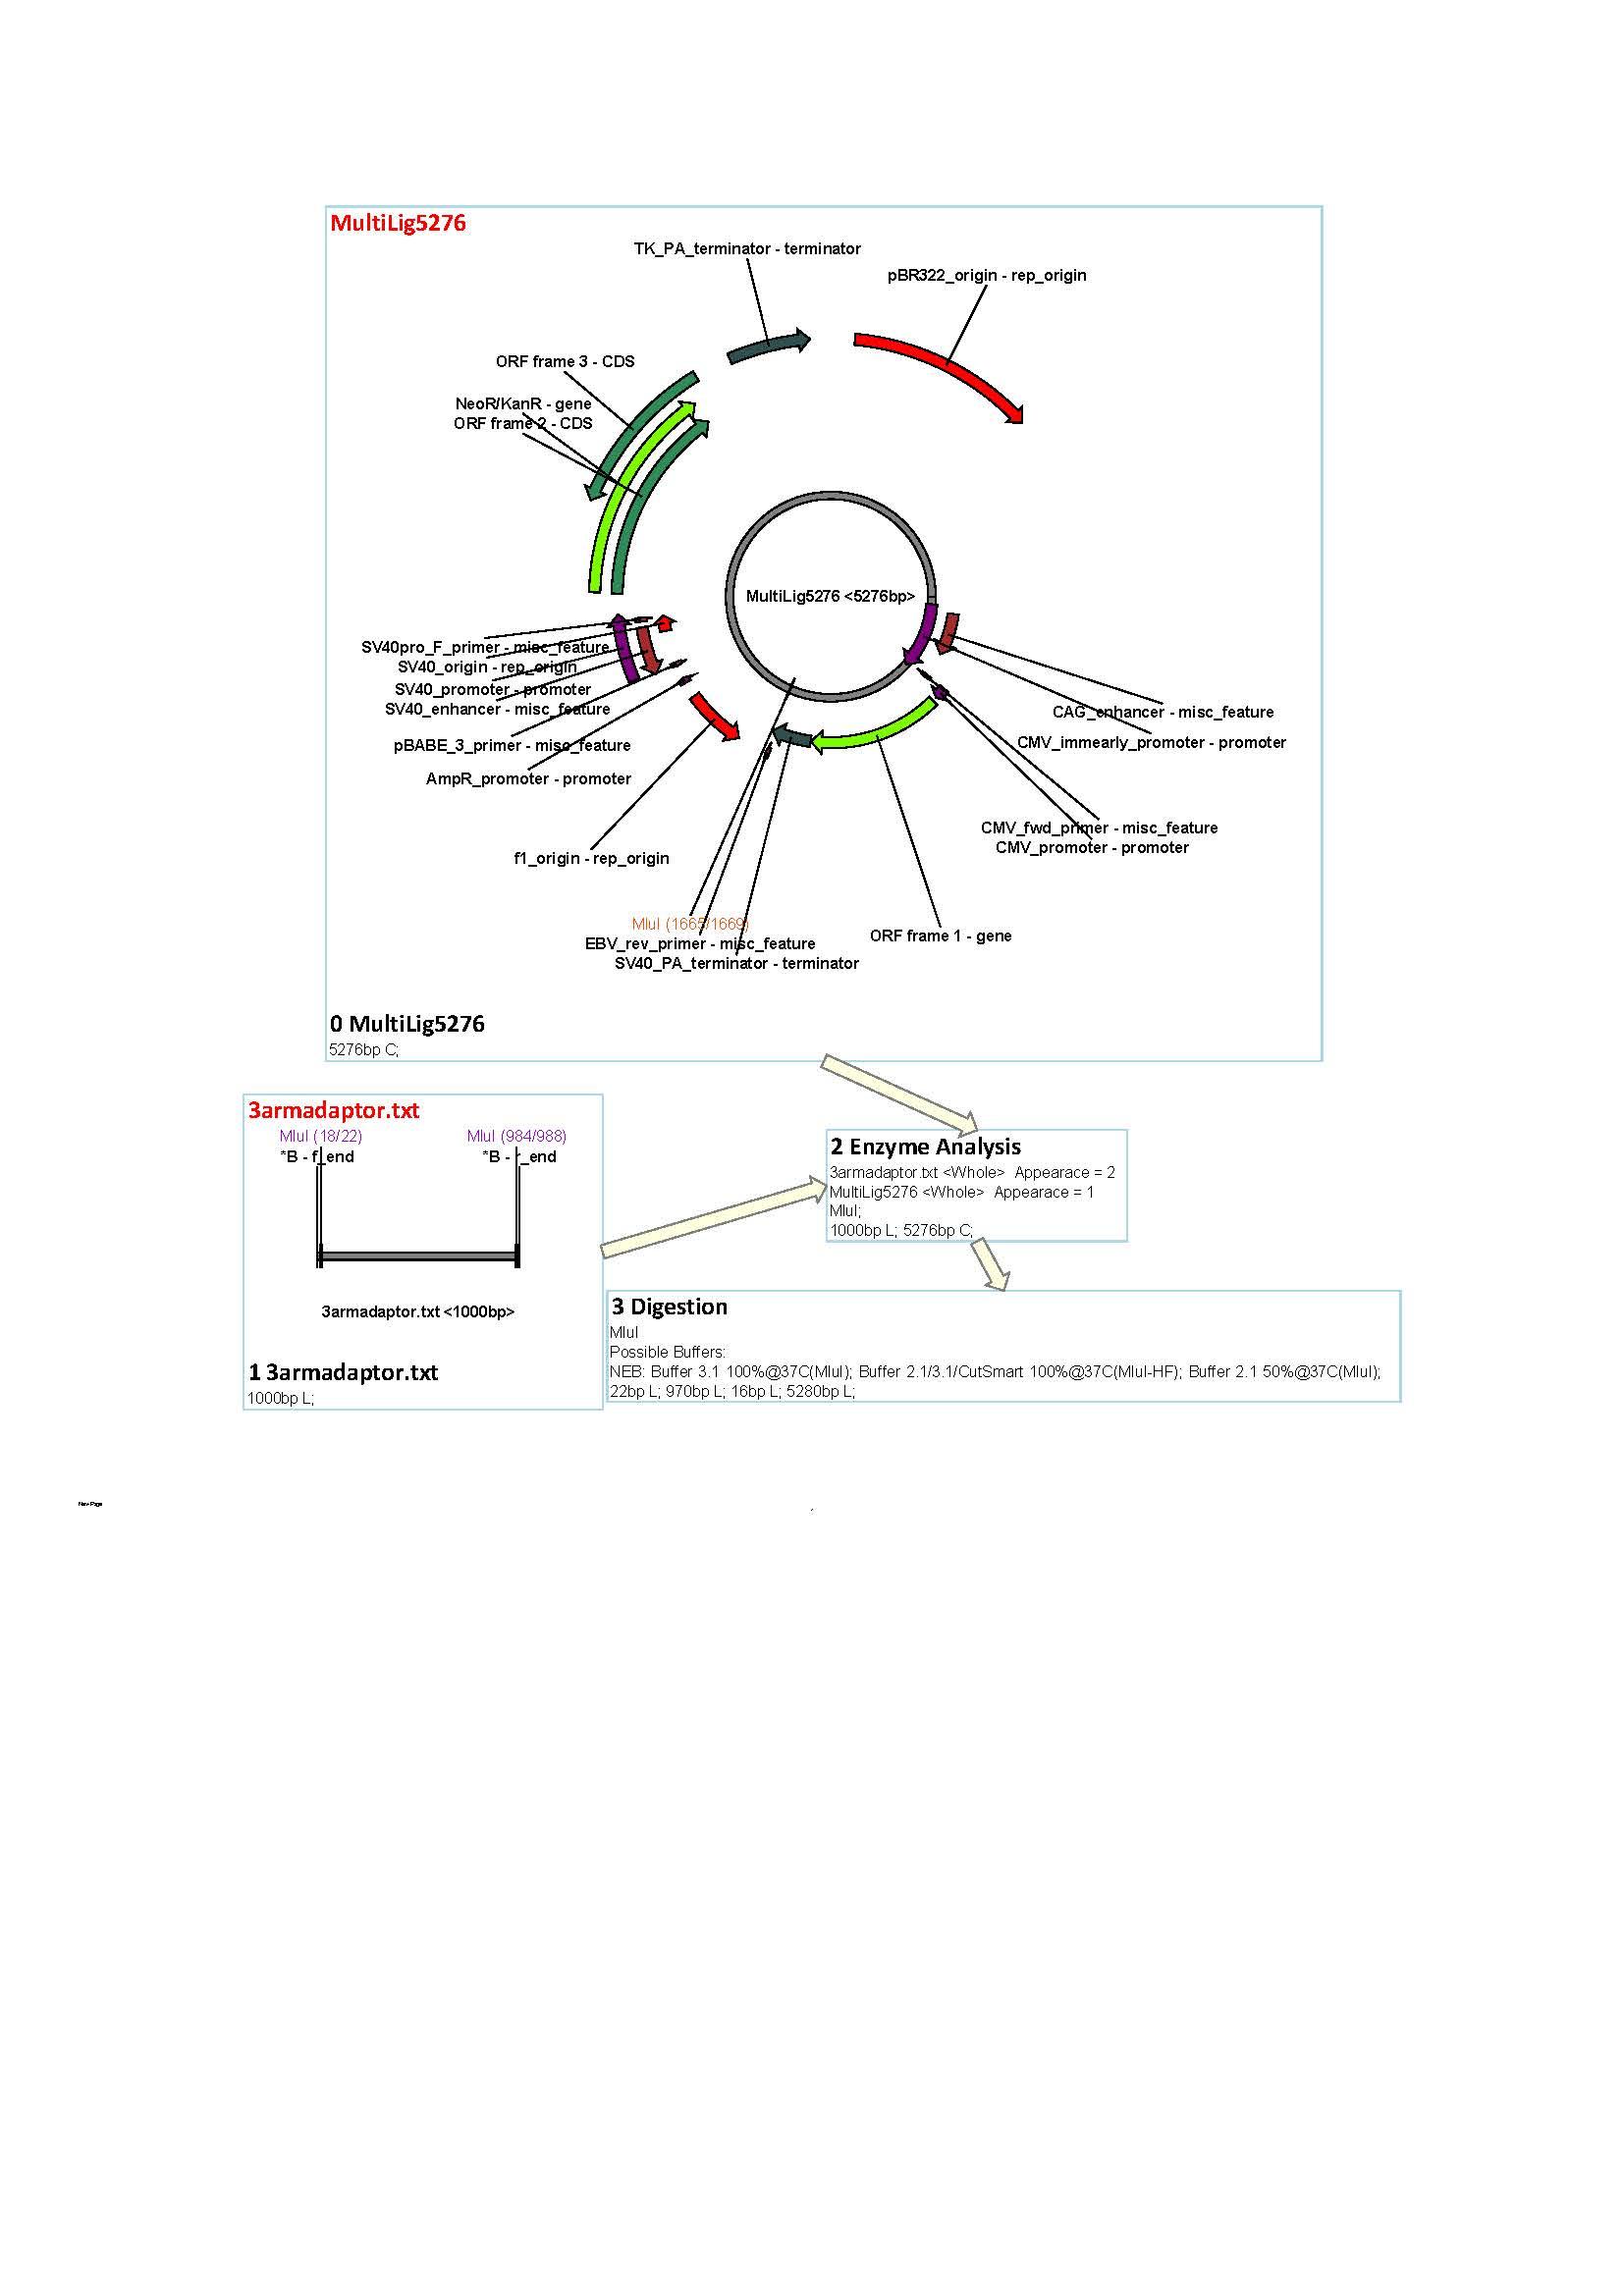 word image 183 Использование методов редактирования генома CRISPR/CAS для повышения продуктивности сельскохозяйственных животных. II этап – разработка методики внесения генетических конструкций в геном сельскохозяйственных животных